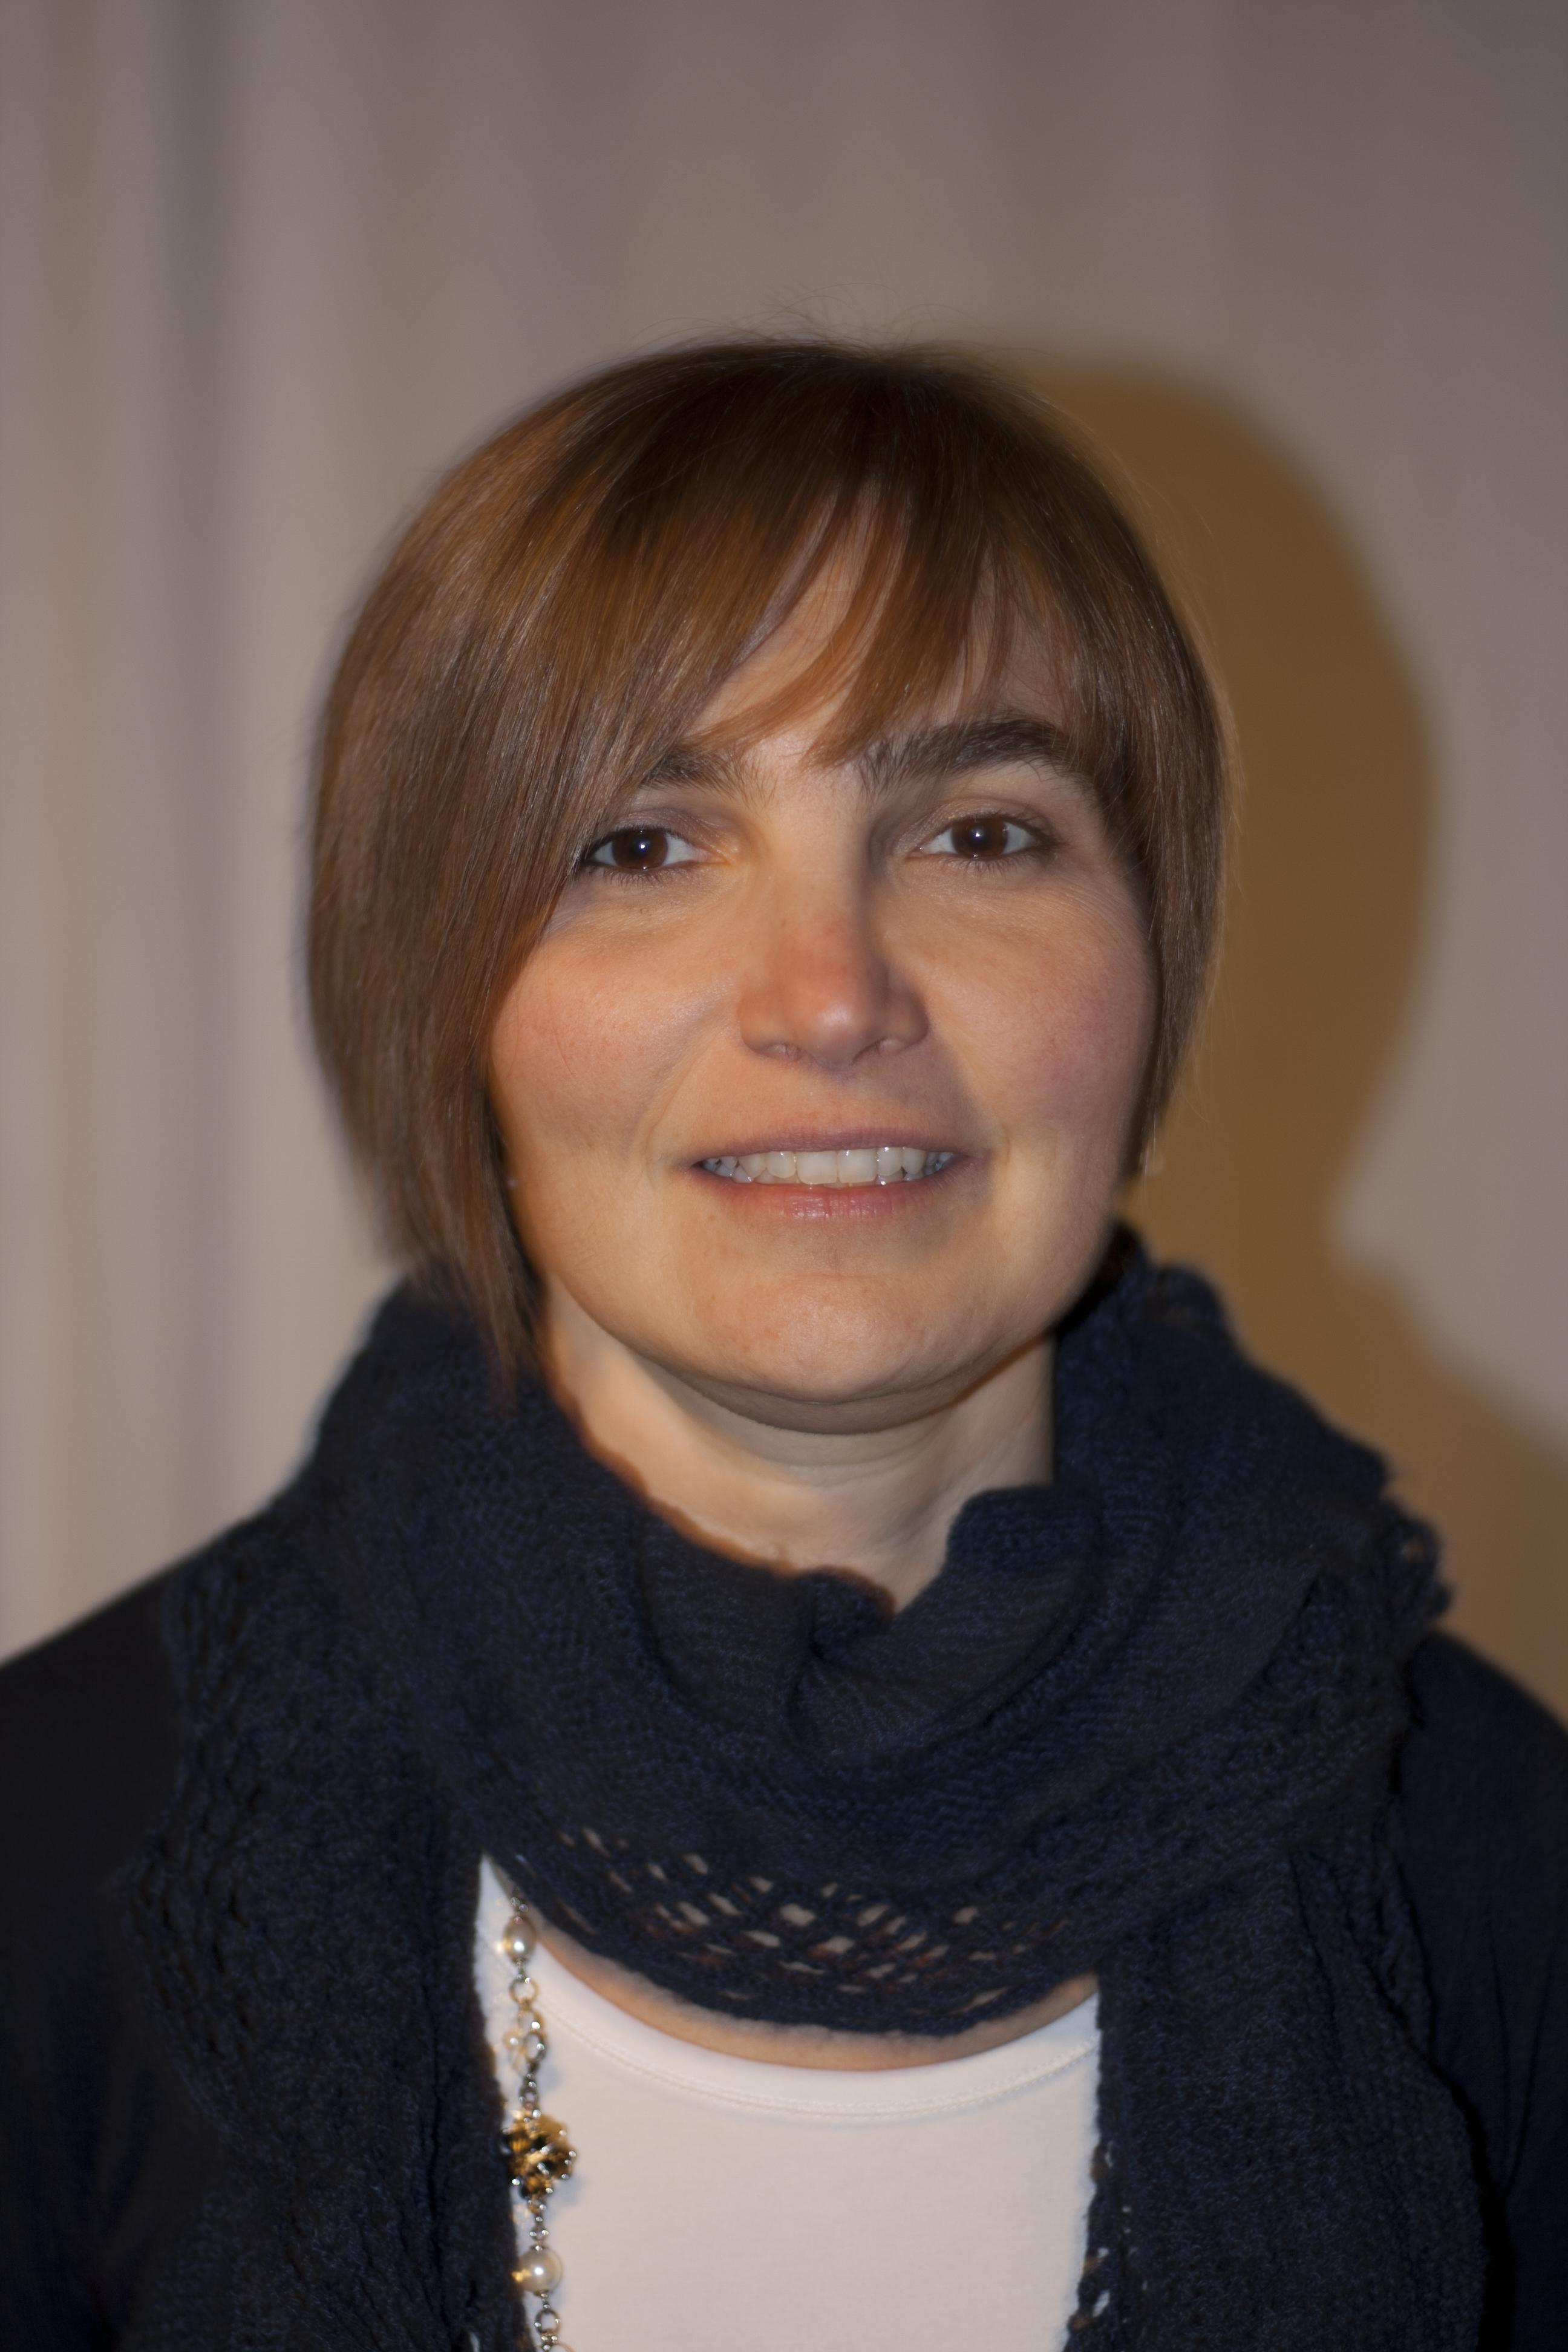 foto TORREGIANI